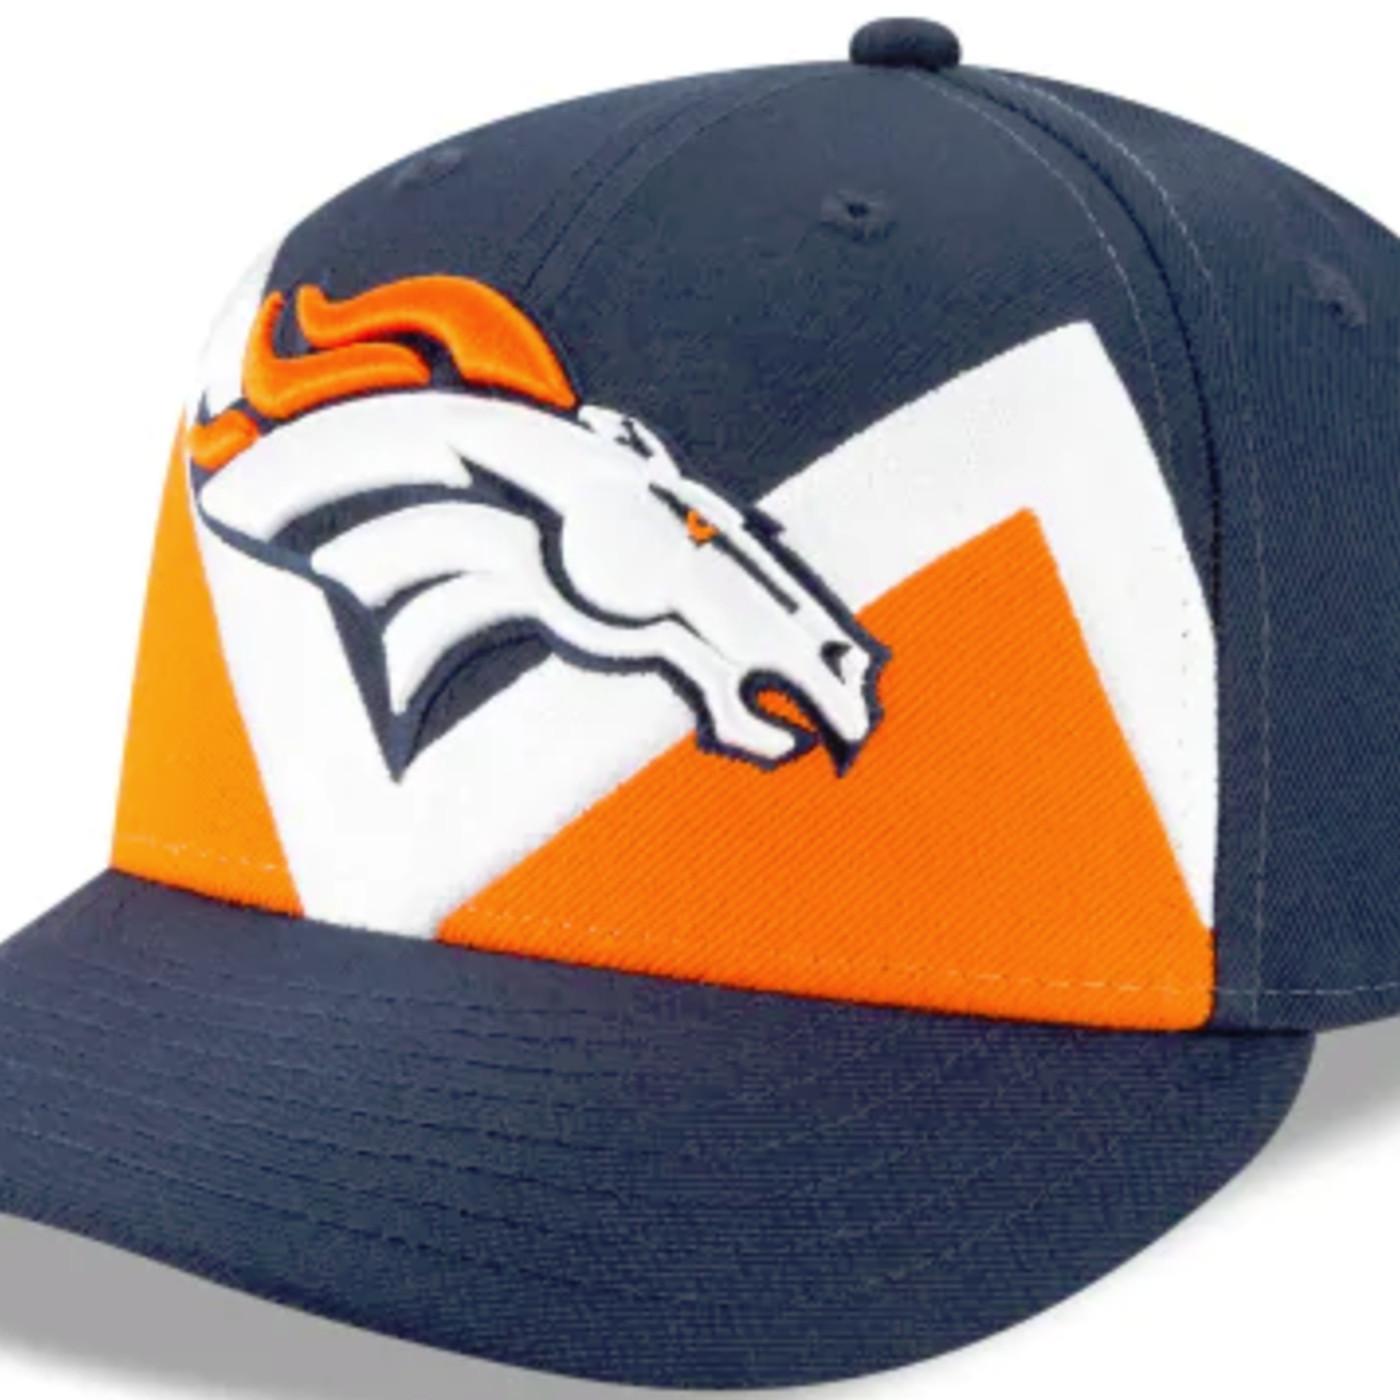 e51a28b6e Denver Broncos 2019 NFL draft hats revealed - Mile High Report